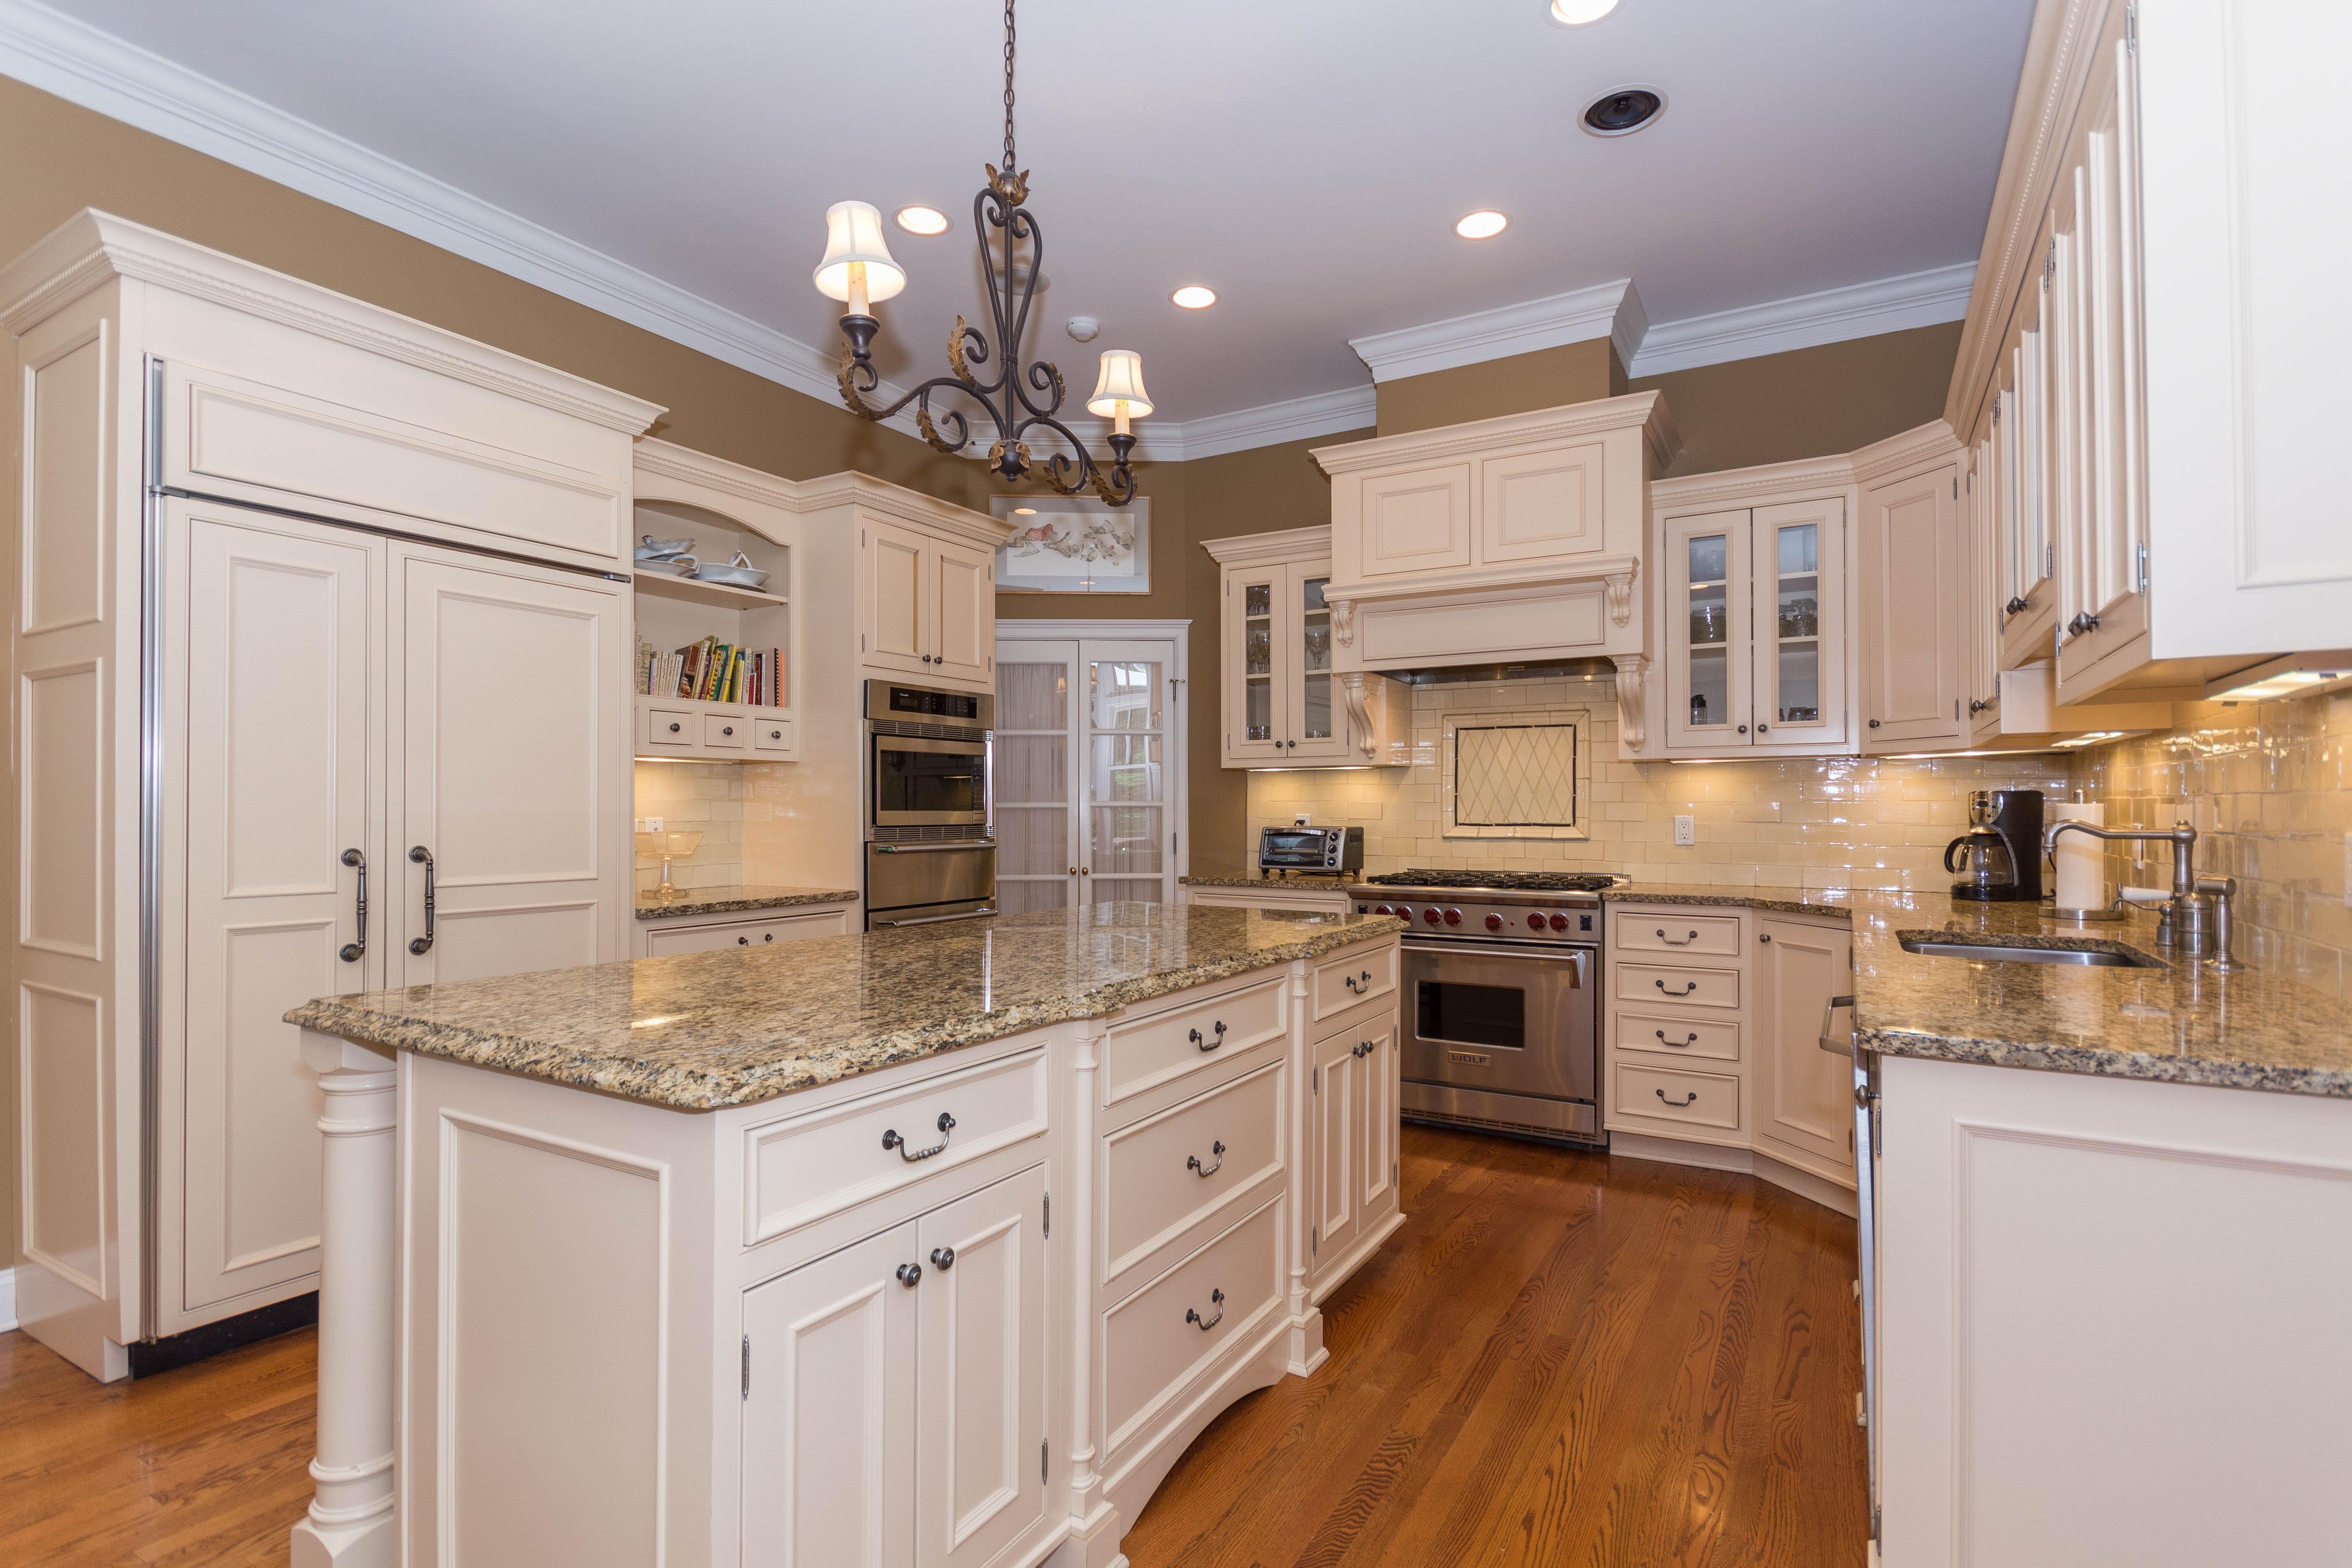 단독 가정 주택 용 매매 에 Sophisticated Contemporary Ranch 3 Pink Cloud Lane Weston, 코네티컷, 06883 미국